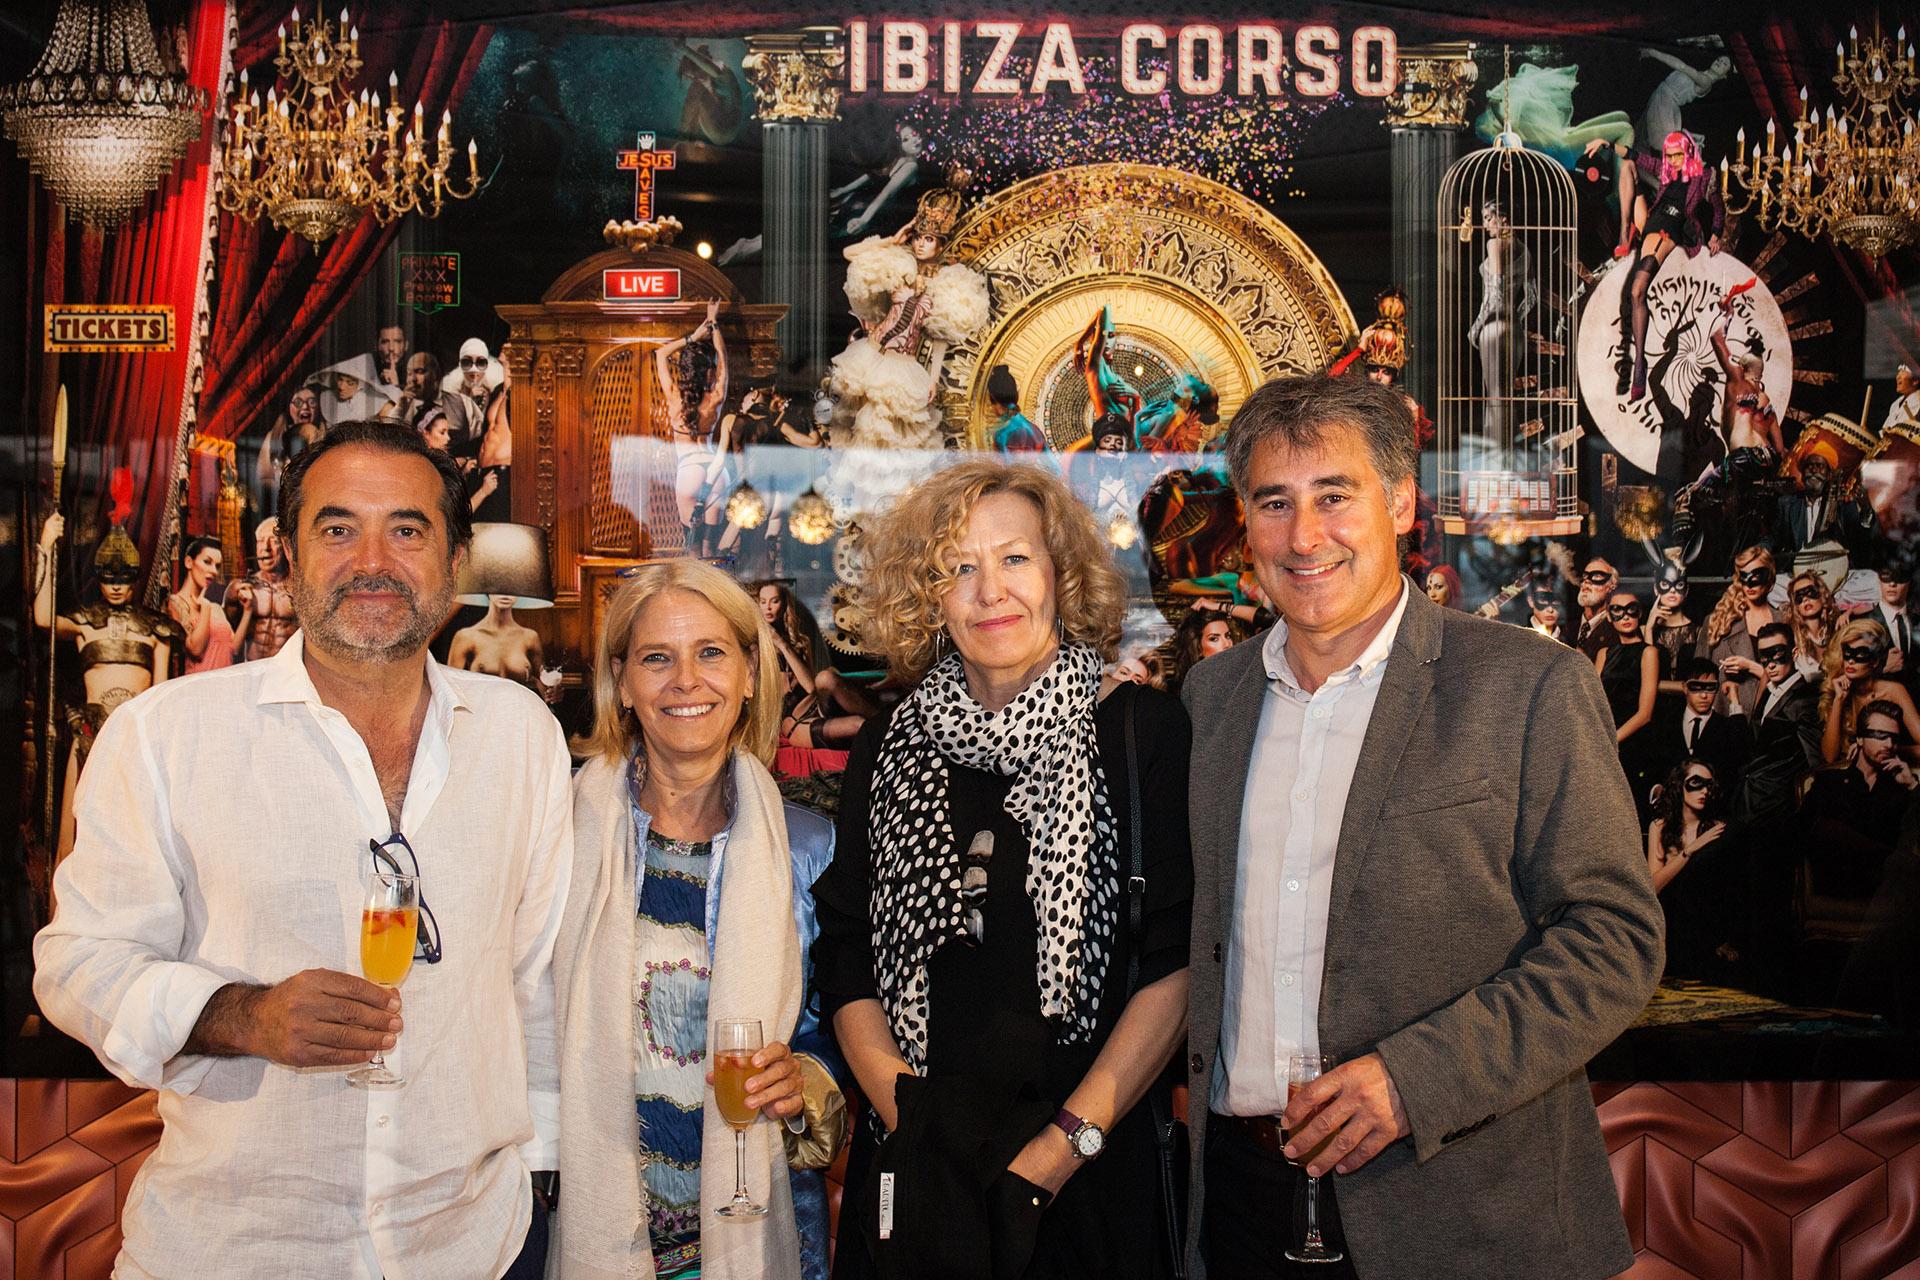 El Comisario Manuel Hernández con su mujer y amigos